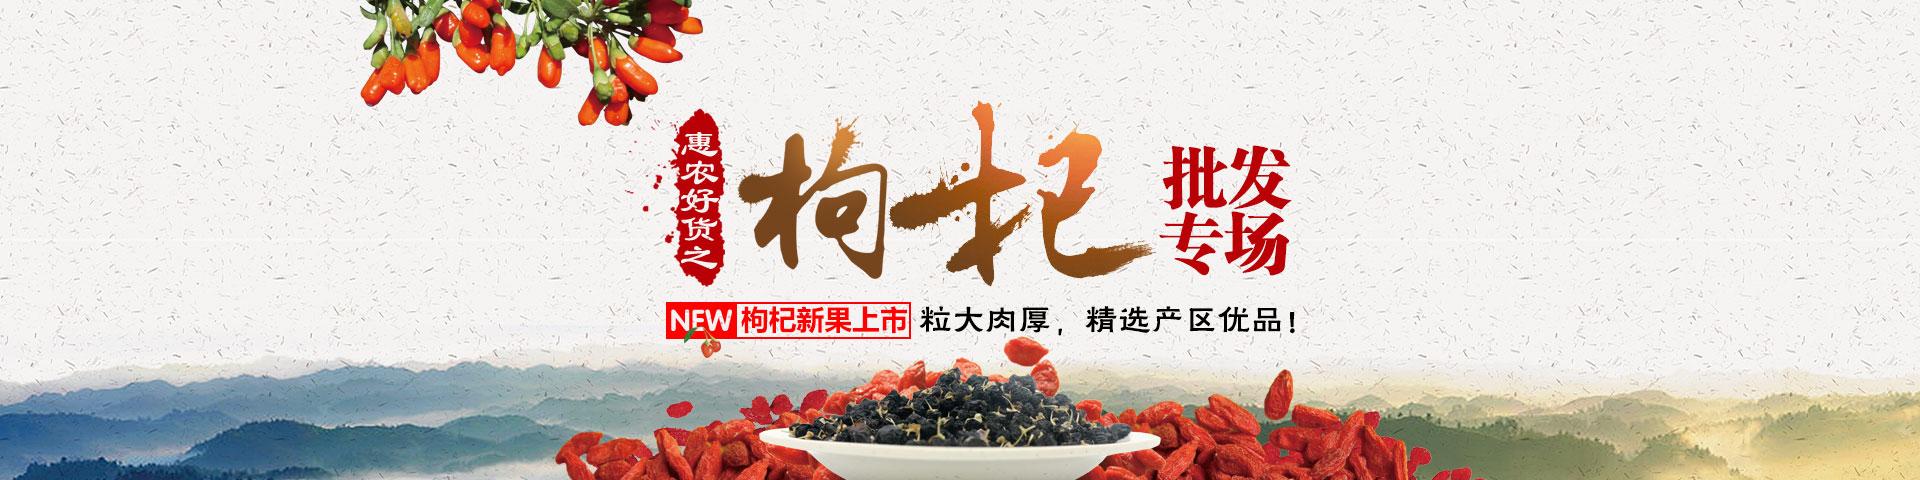 枸杞批发专场_惠农网